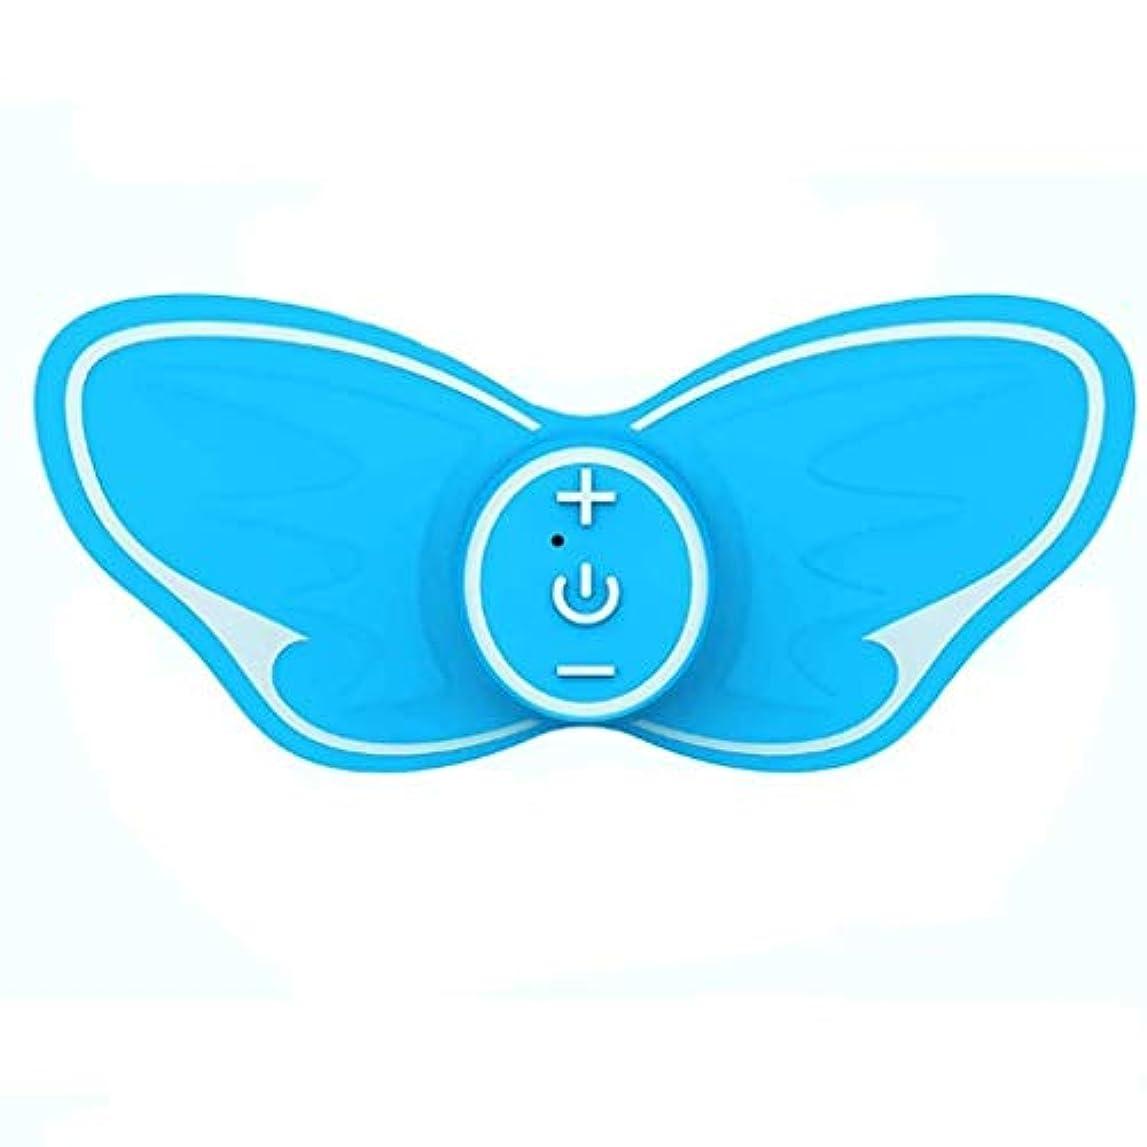 サミットナイロンレポートを書く電動ネックマッサージャー、スマートミニネックフィンガープレッシャーマッサージスティック、USB充電、加熱/ディープニーディングボディマッサージ、ポータブル (Color : 青)